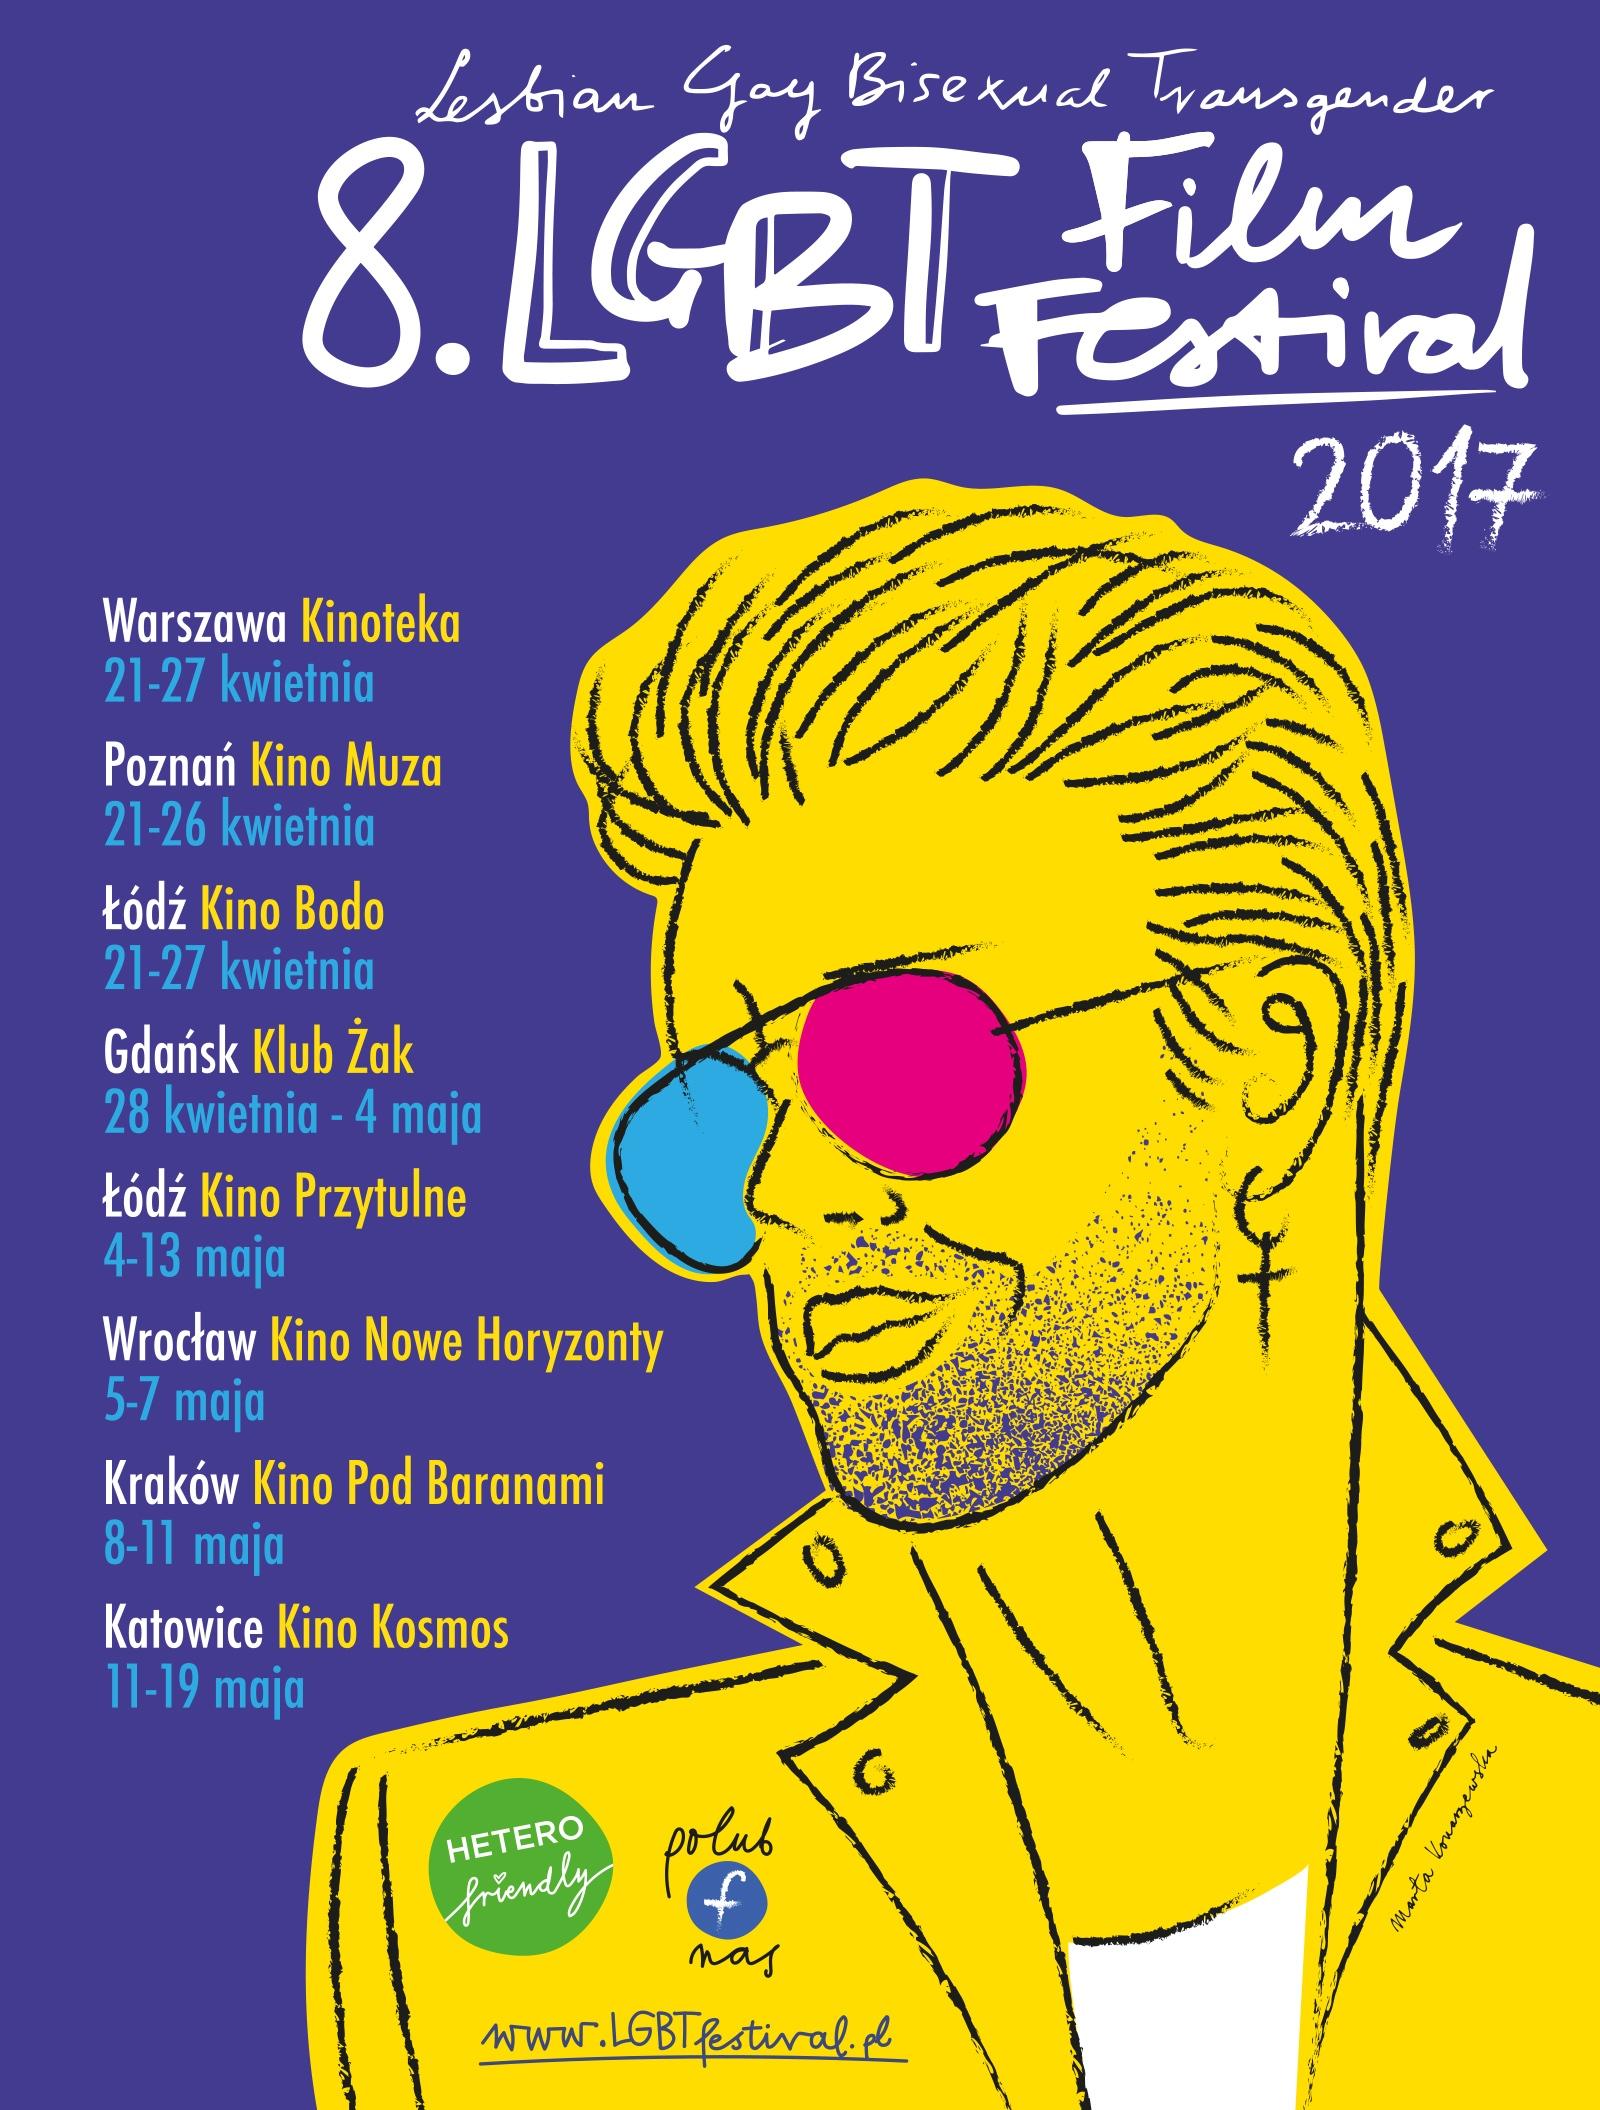 8. LGBT Film Festival (źródło: materiały prasowe organizatora)